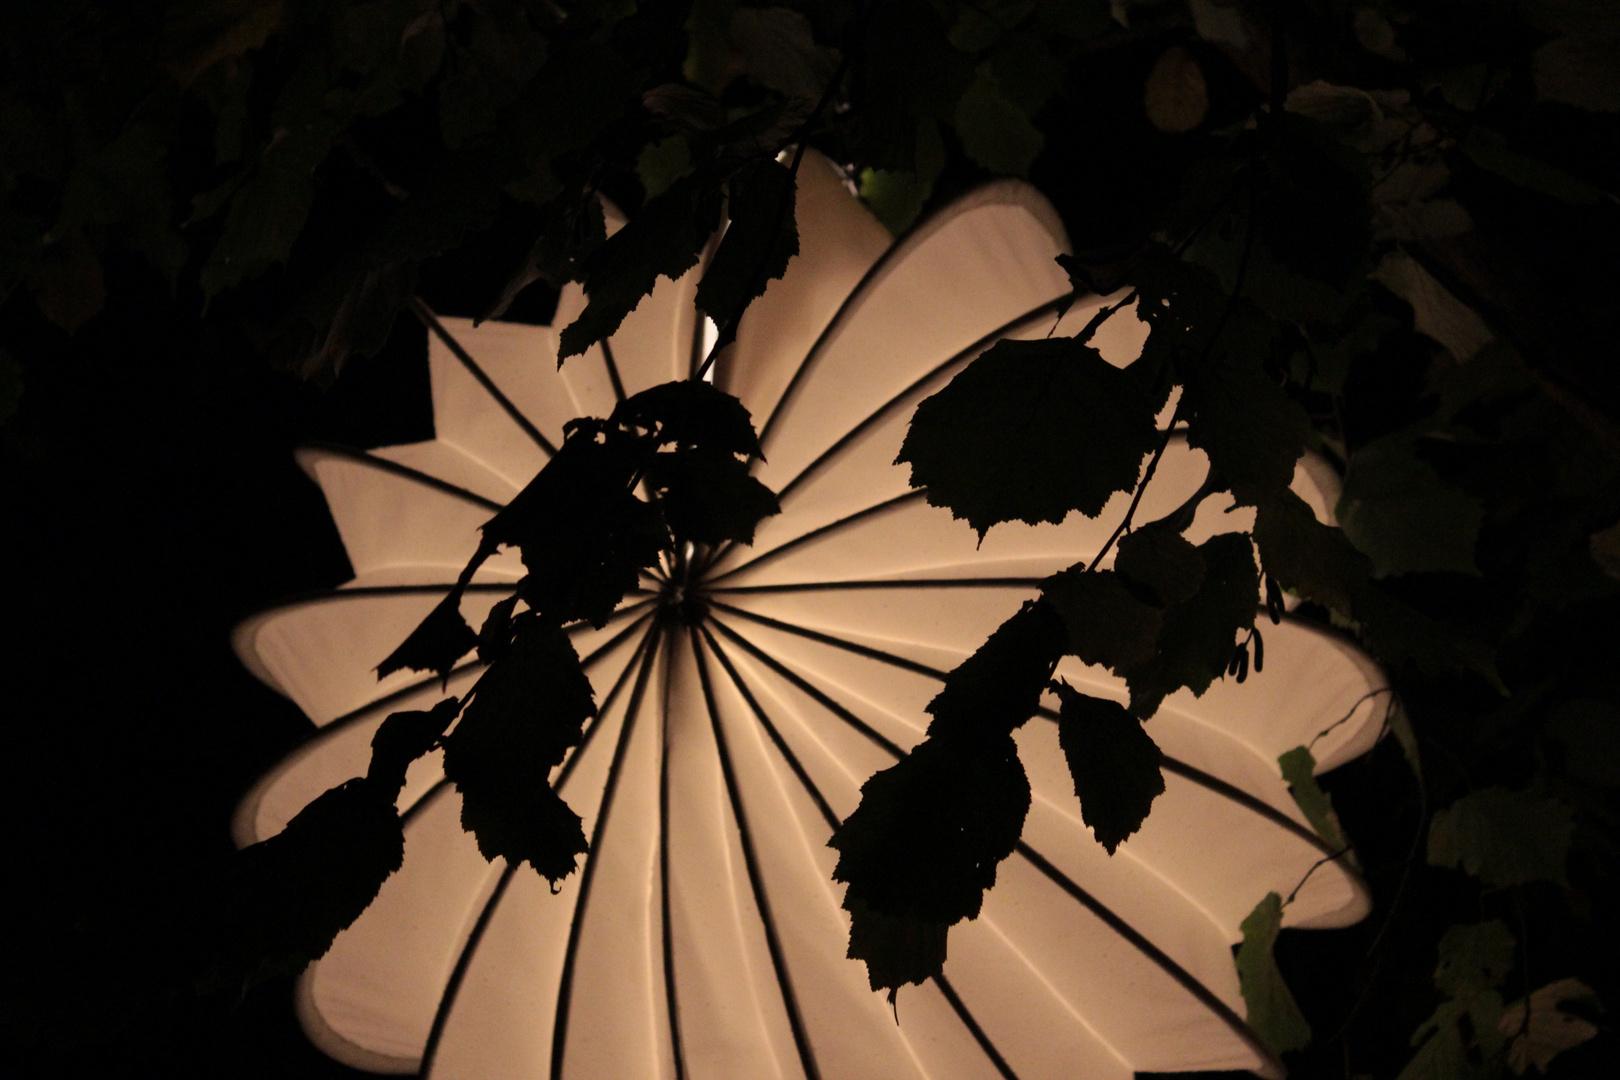 Weisser beleuchteter Lampion bei Nacht.